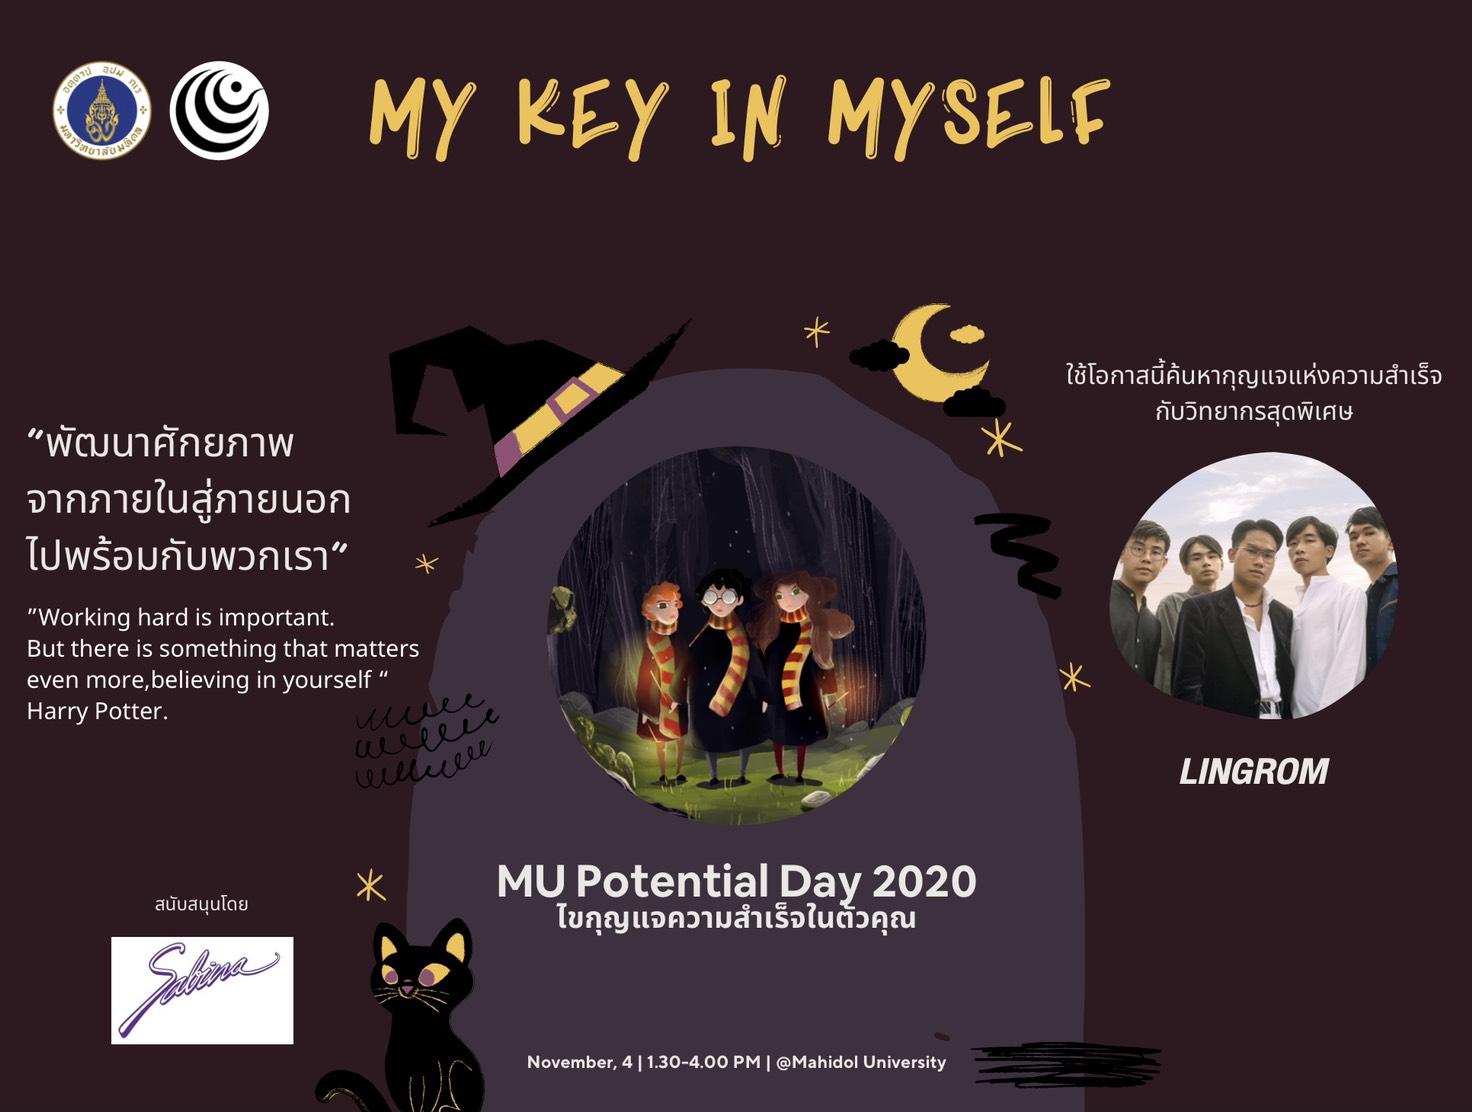 """บริษัท ซาบีน่า ฟาร์อีสท์ จำกัด  ร่วมเป็นส่วนหนึ่งในการสนับสนุนกิจกรรม  """"โครงการ Potential Day 2020"""""""